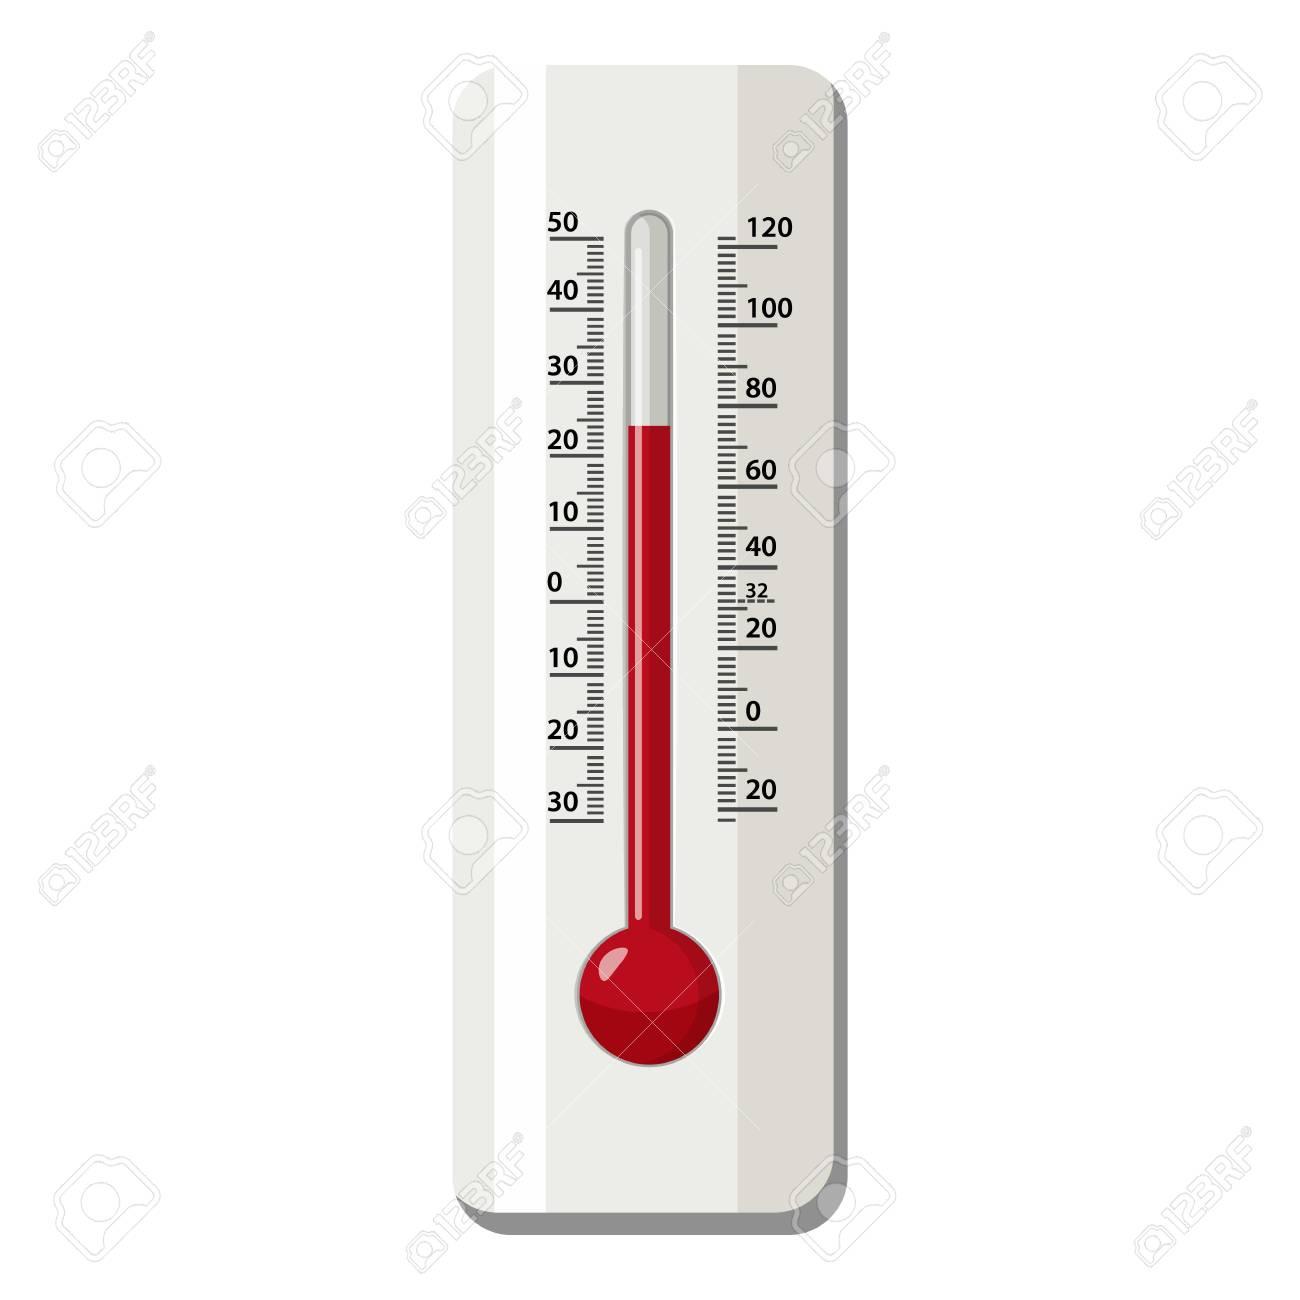 Icono De Termometro Al Aire Libre Estilo De Dibujos Animados Ilustraciones Vectoriales Clip Art Vectorizado Libre De Derechos Image 83397227 A wide variety of termometro digital infravermelho options are available to you icono de termometro al aire libre estilo de dibujos animados